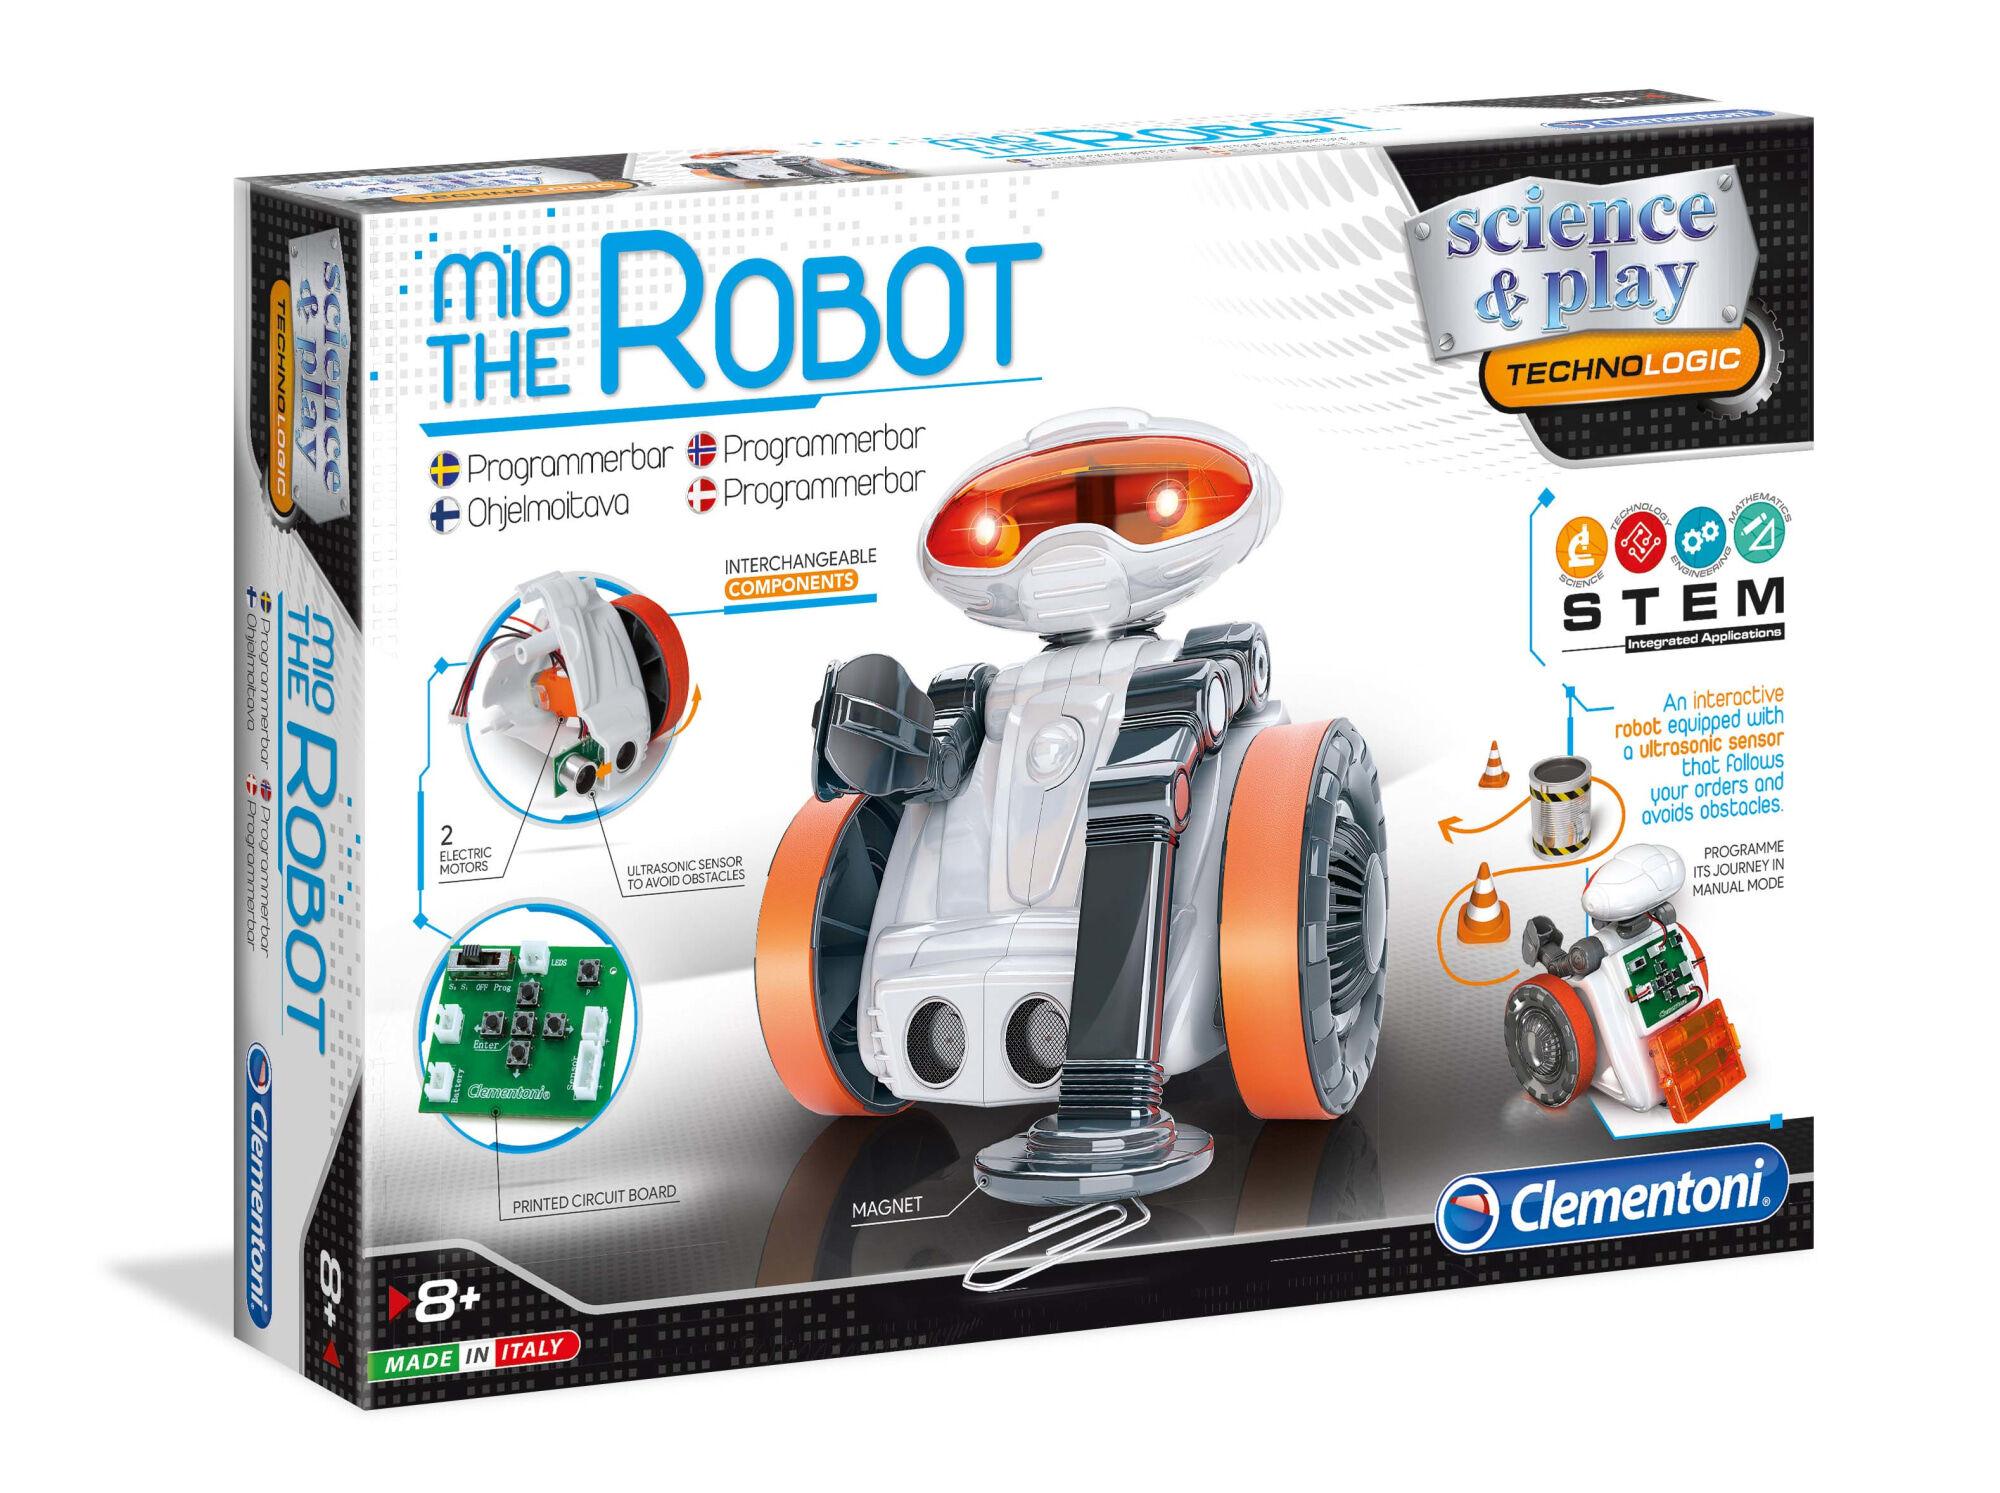 Clementoni Science & Play Mio the Robot 2.0 ohjelmoitava robotti